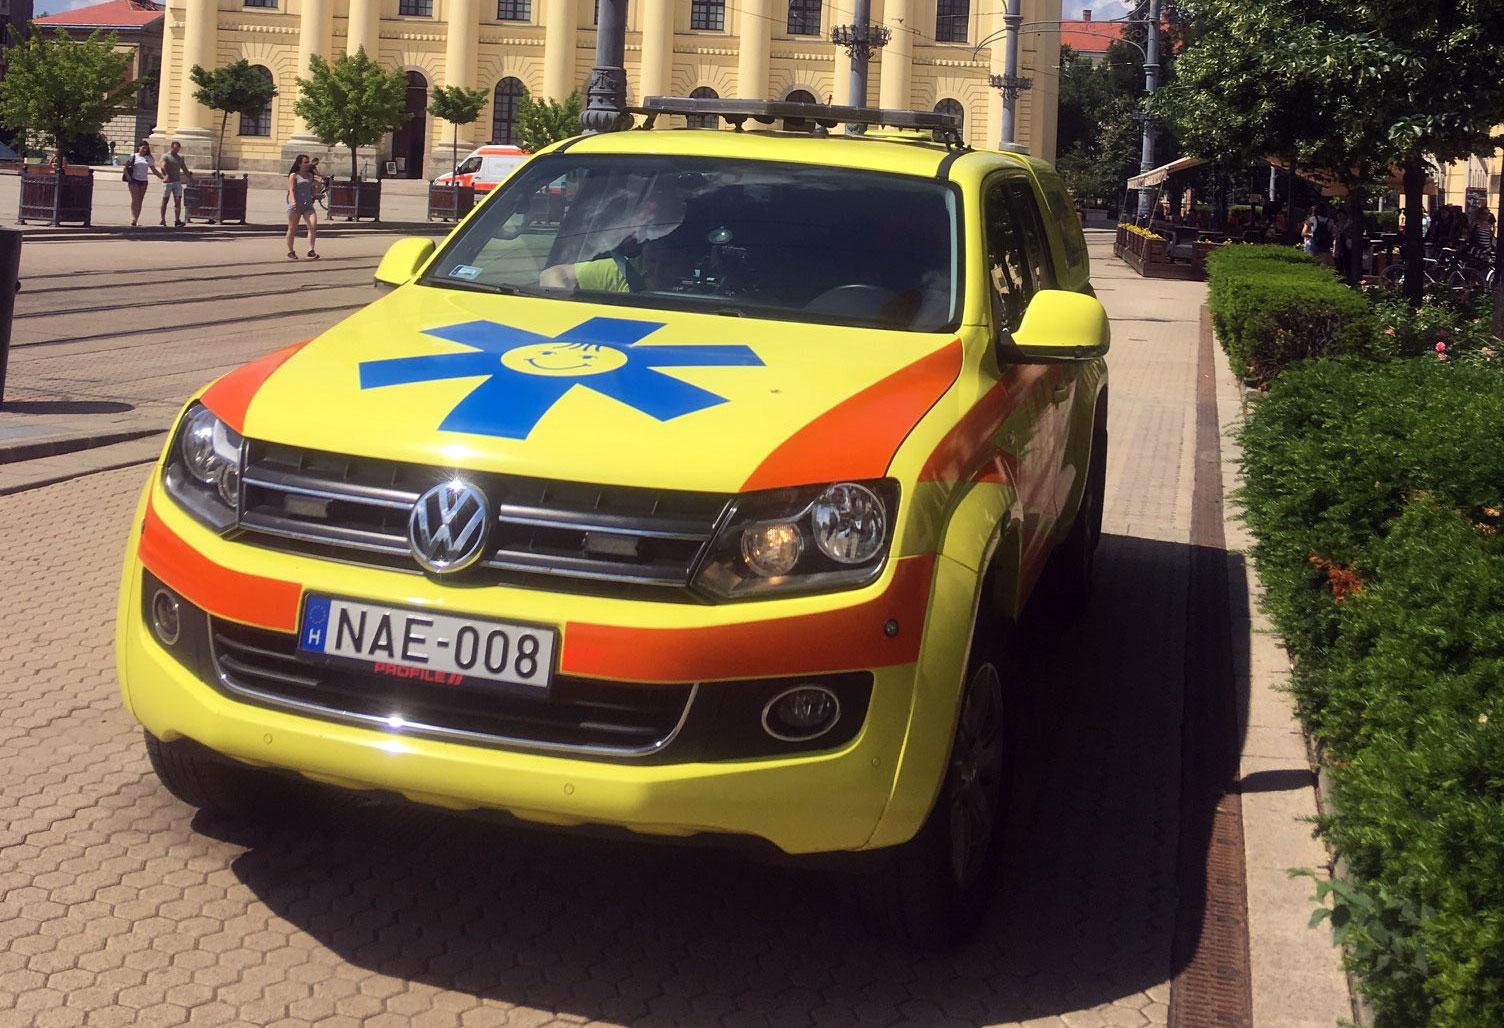 Gyermek-mentőorvosi kocsi Debrecenben